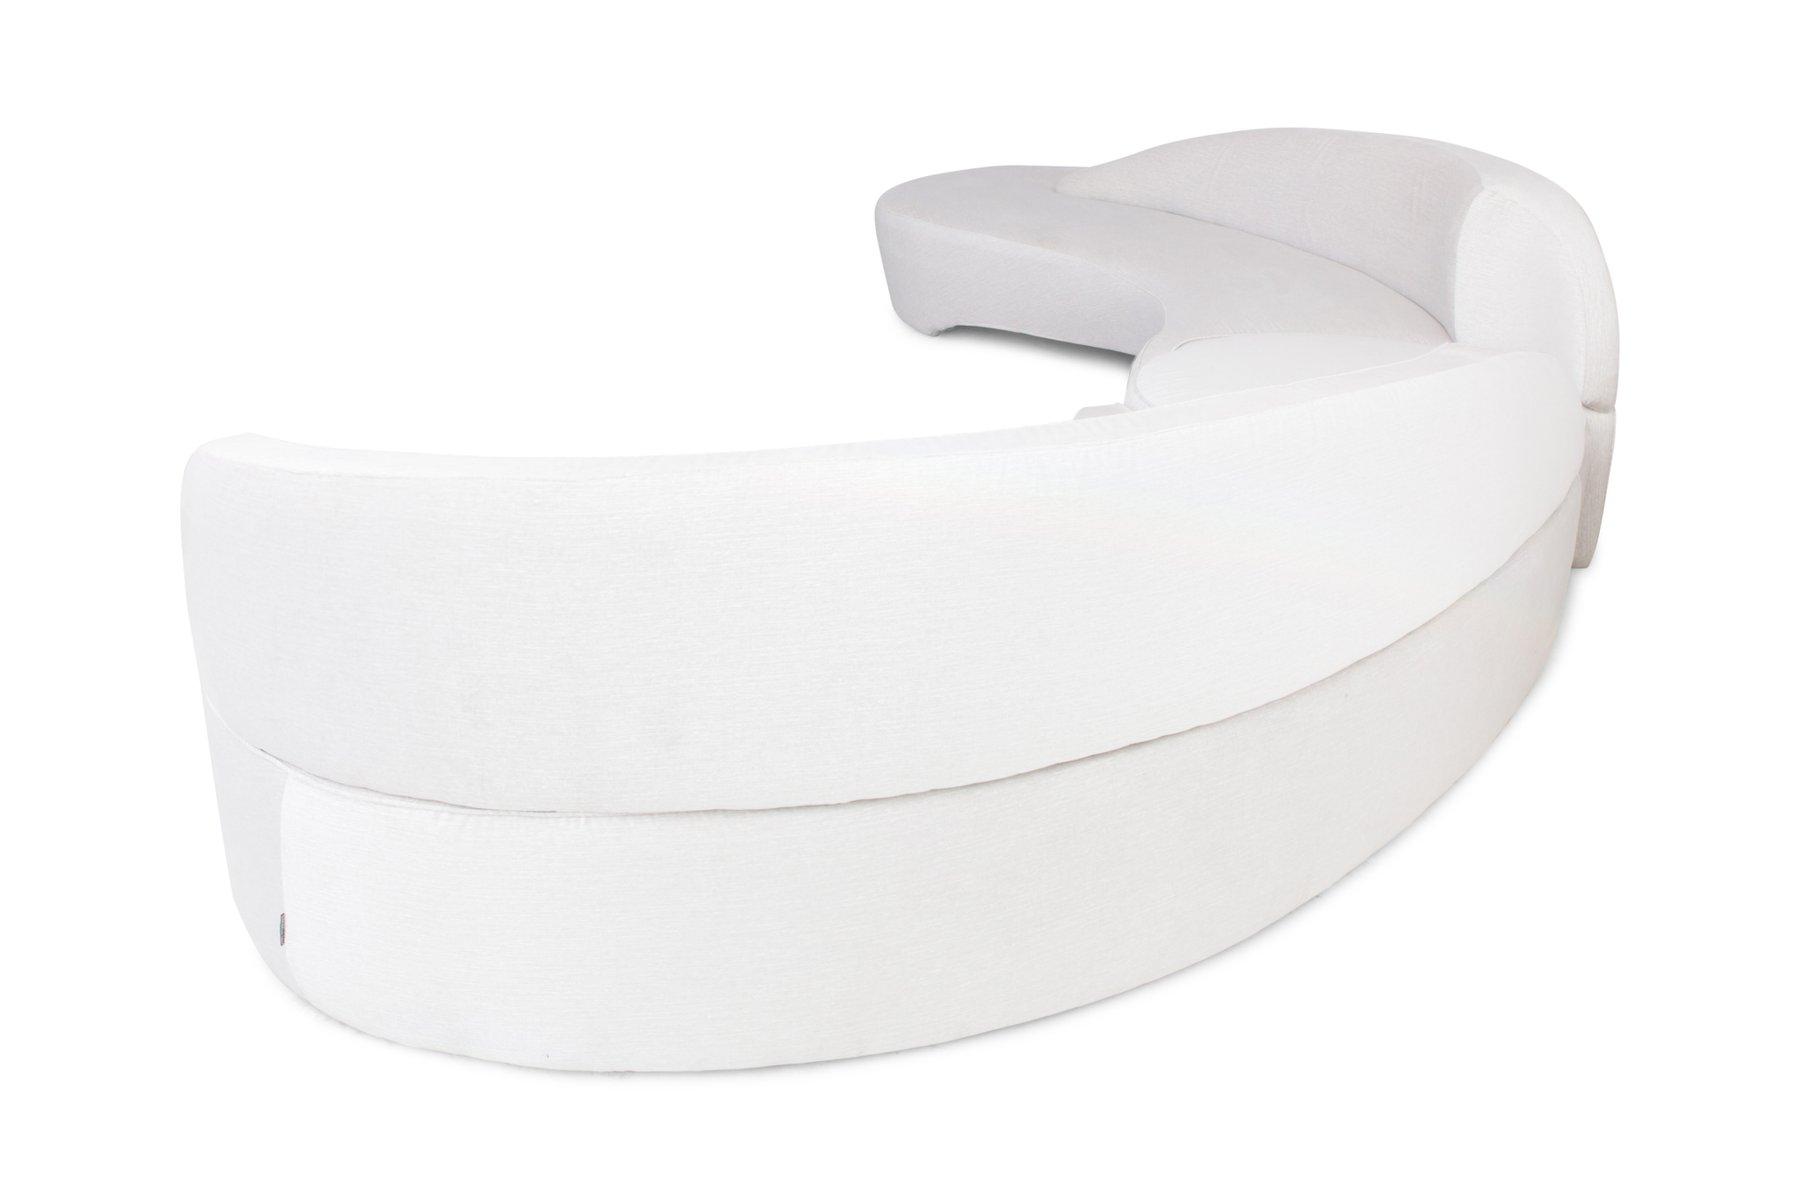 canap d angle comet vintage par vladimir kagan pour roche bobois en vente sur pamono. Black Bedroom Furniture Sets. Home Design Ideas